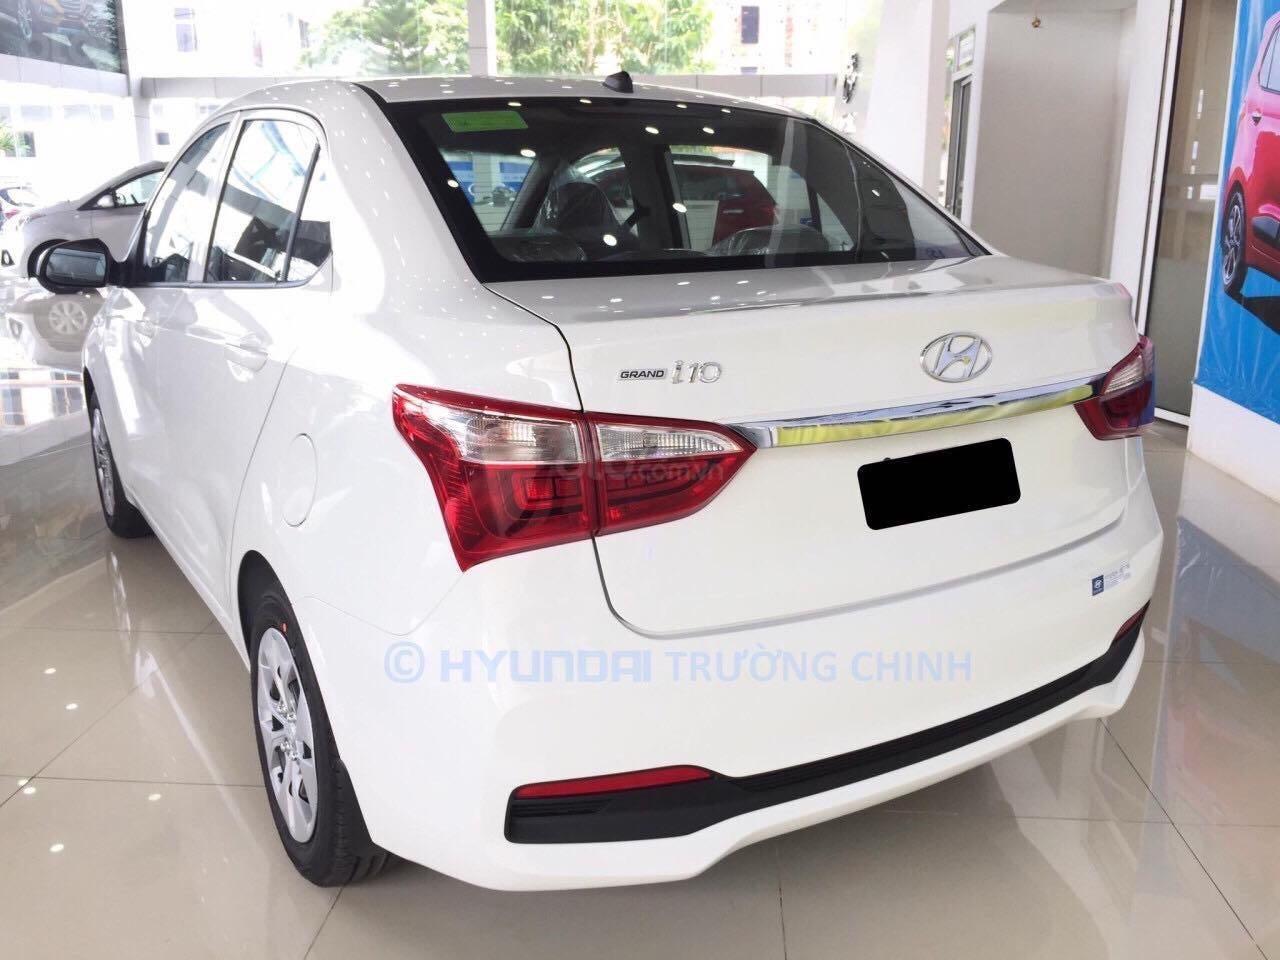 Bán ô tô Hyundai Grand i10 đăng ký 2019, màu trắng, xe nhập giá 340 tỷ đồng, khuyến mãi lớn cuối năm (2)